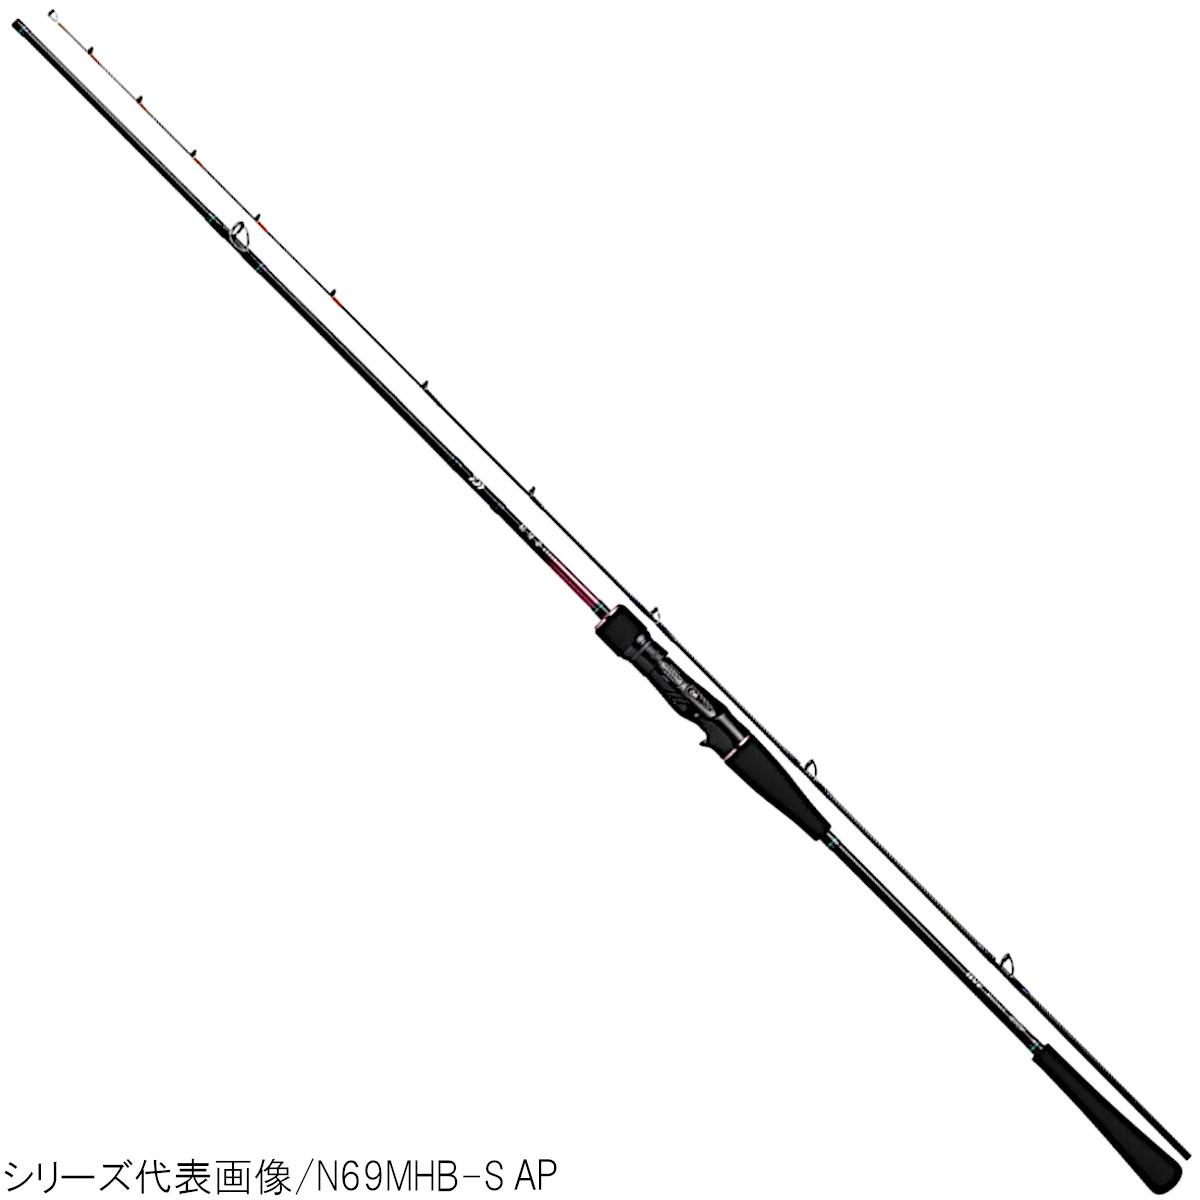 ダイワ 紅牙 K67XHB-S AP